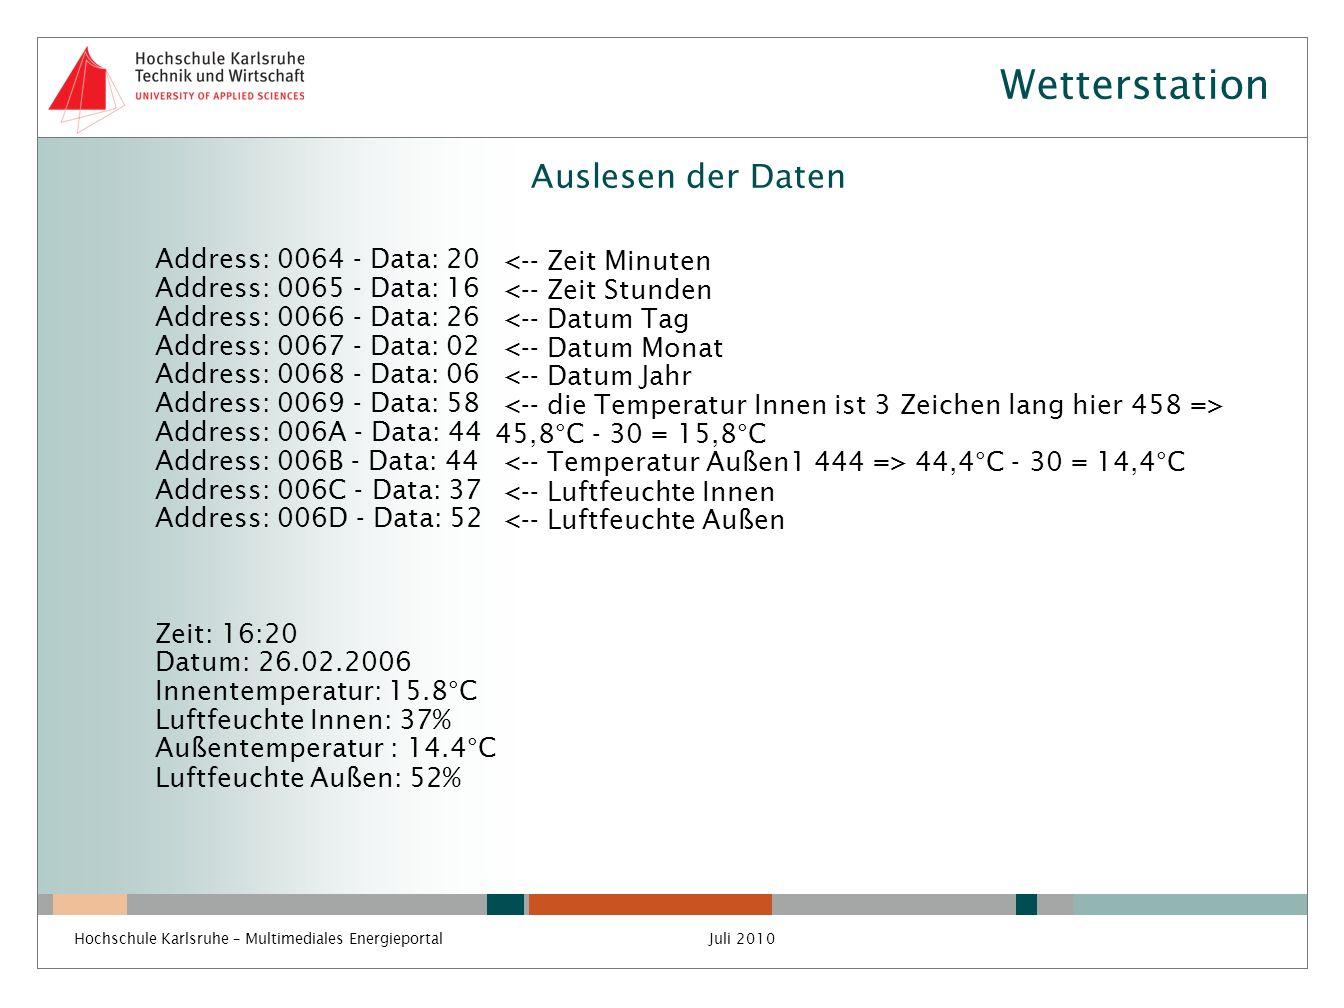 Wetterstation Auslesen der Daten